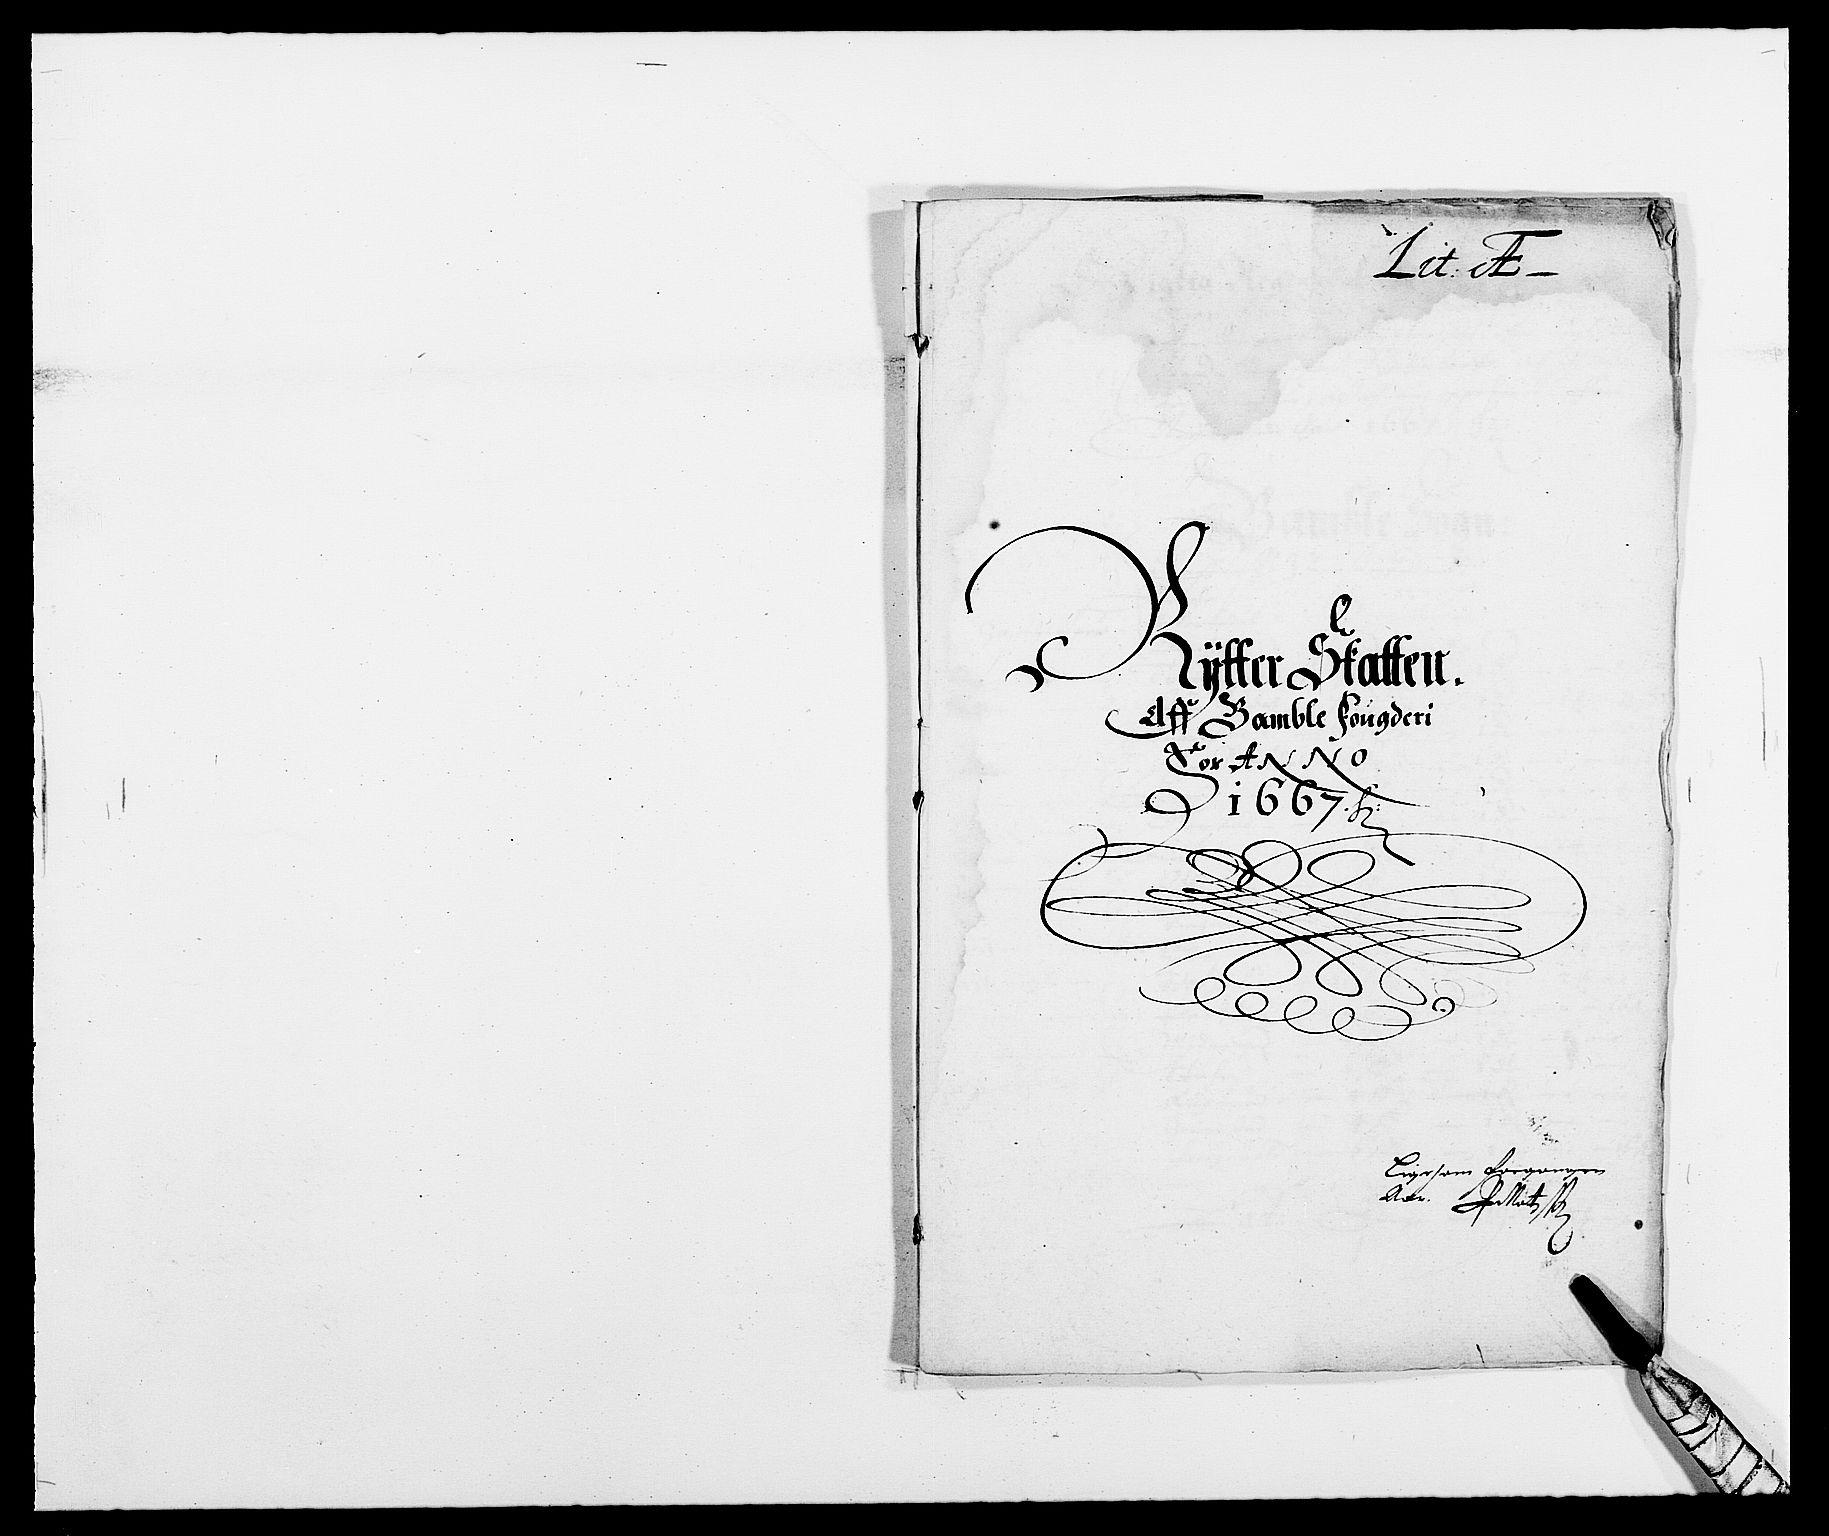 RA, Rentekammeret inntil 1814, Reviderte regnskaper, Fogderegnskap, R34/L2039: Fogderegnskap Bamble, 1662-1669, s. 200